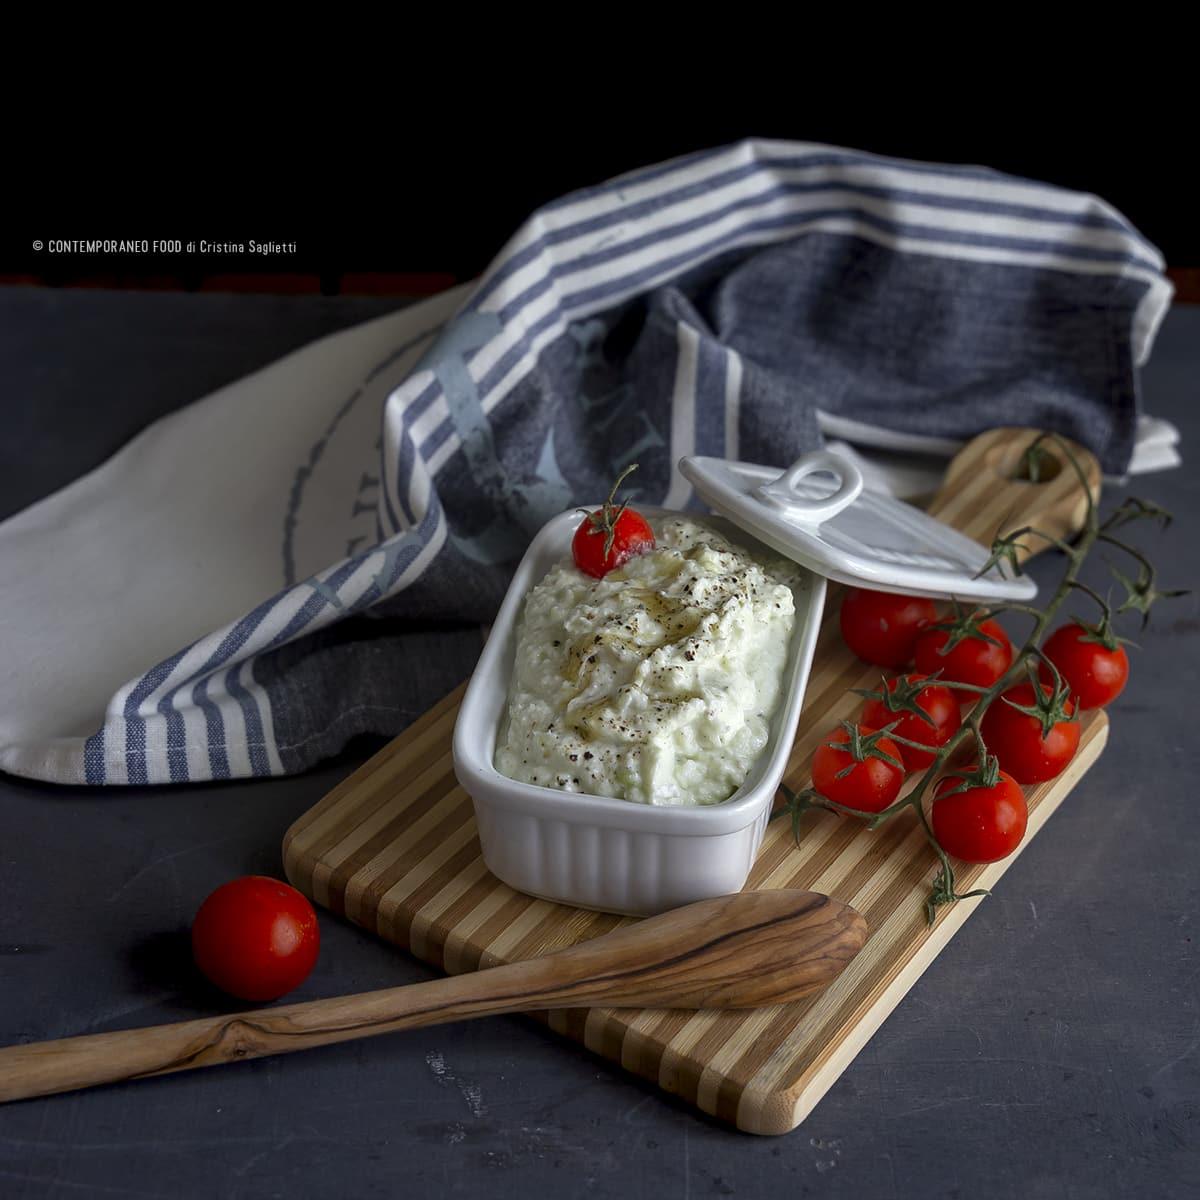 crema-di-feta-greca-ricetta-veloce-facile-vegetariana-last-minute-formaggi-light-contemporaneo-food